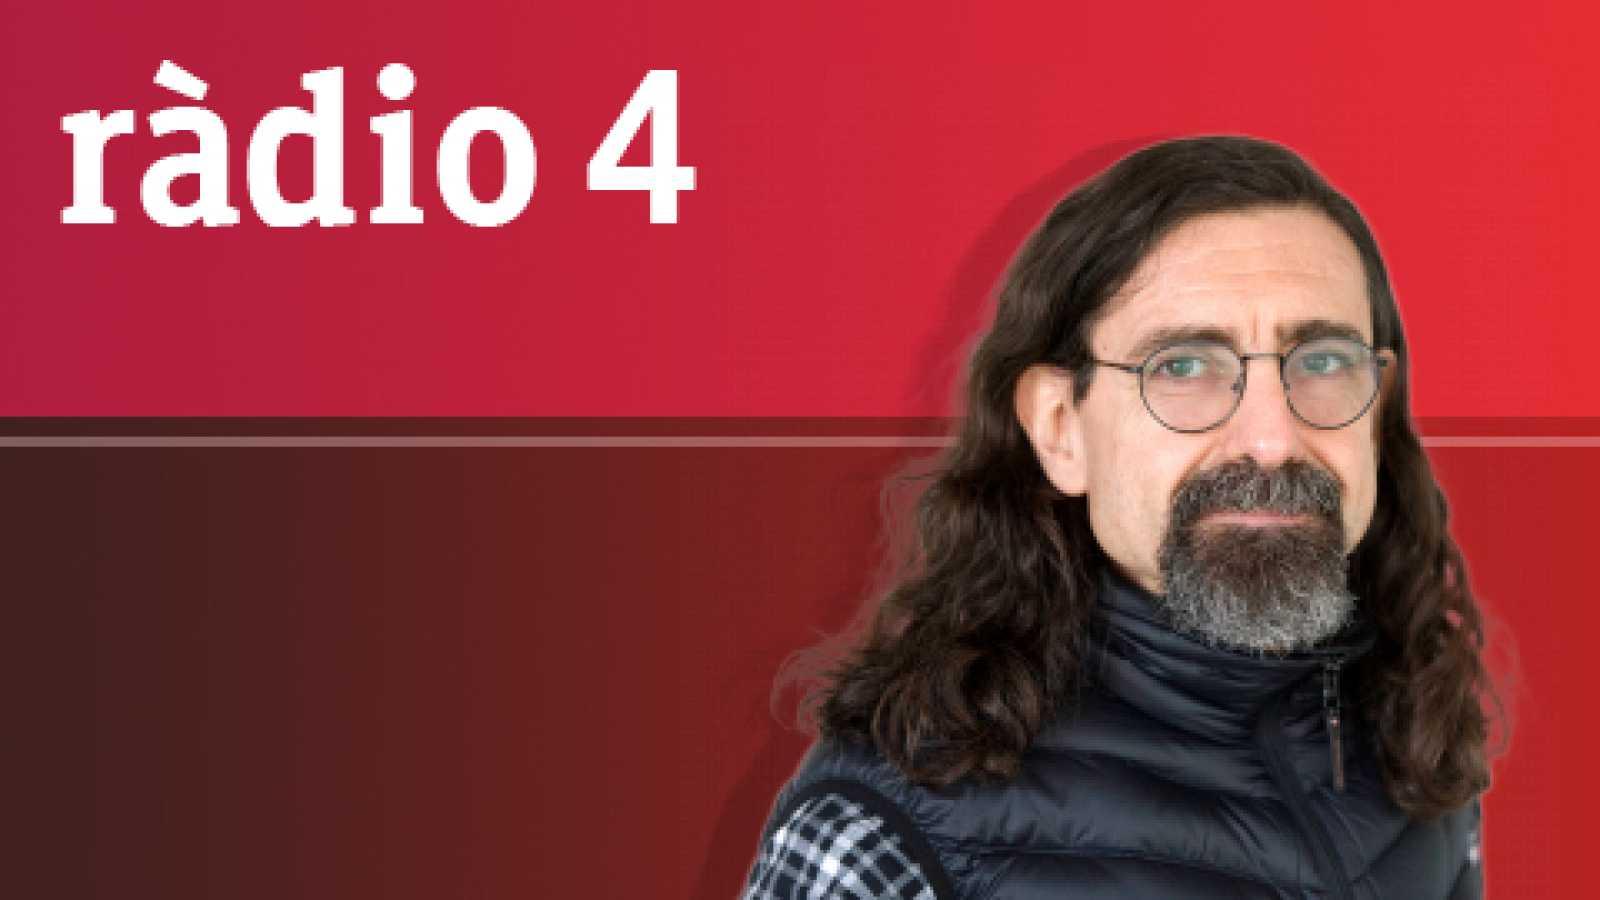 L'altra ràdio - Programa especial 'Edició 2100'